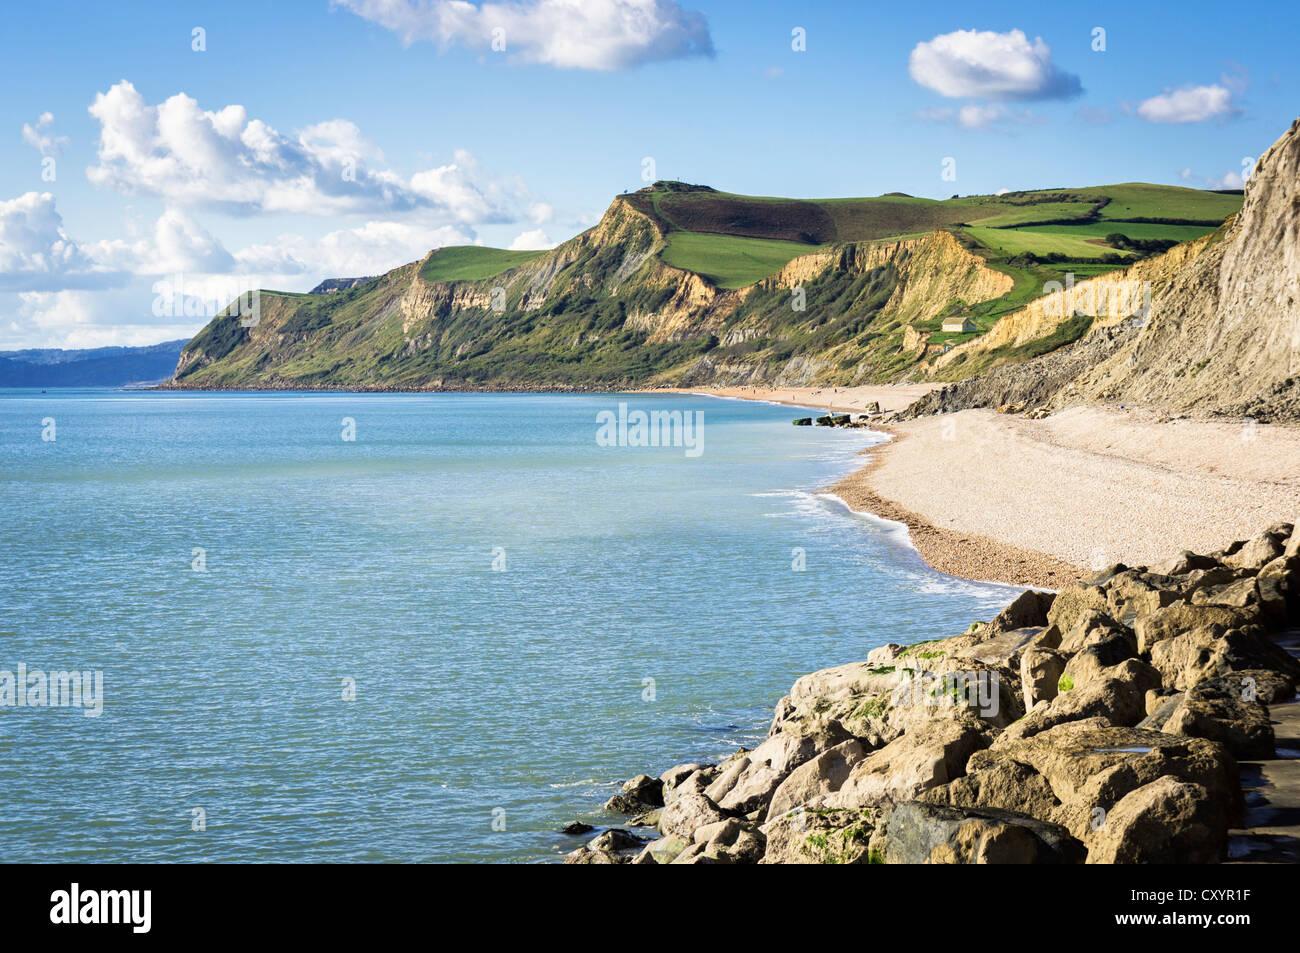 Blick entlang der Jurassic Coast - Blick von West Bay, die Bucht von Dorset in Richtung Charmouth, Dorset, Großbritannien Stockbild